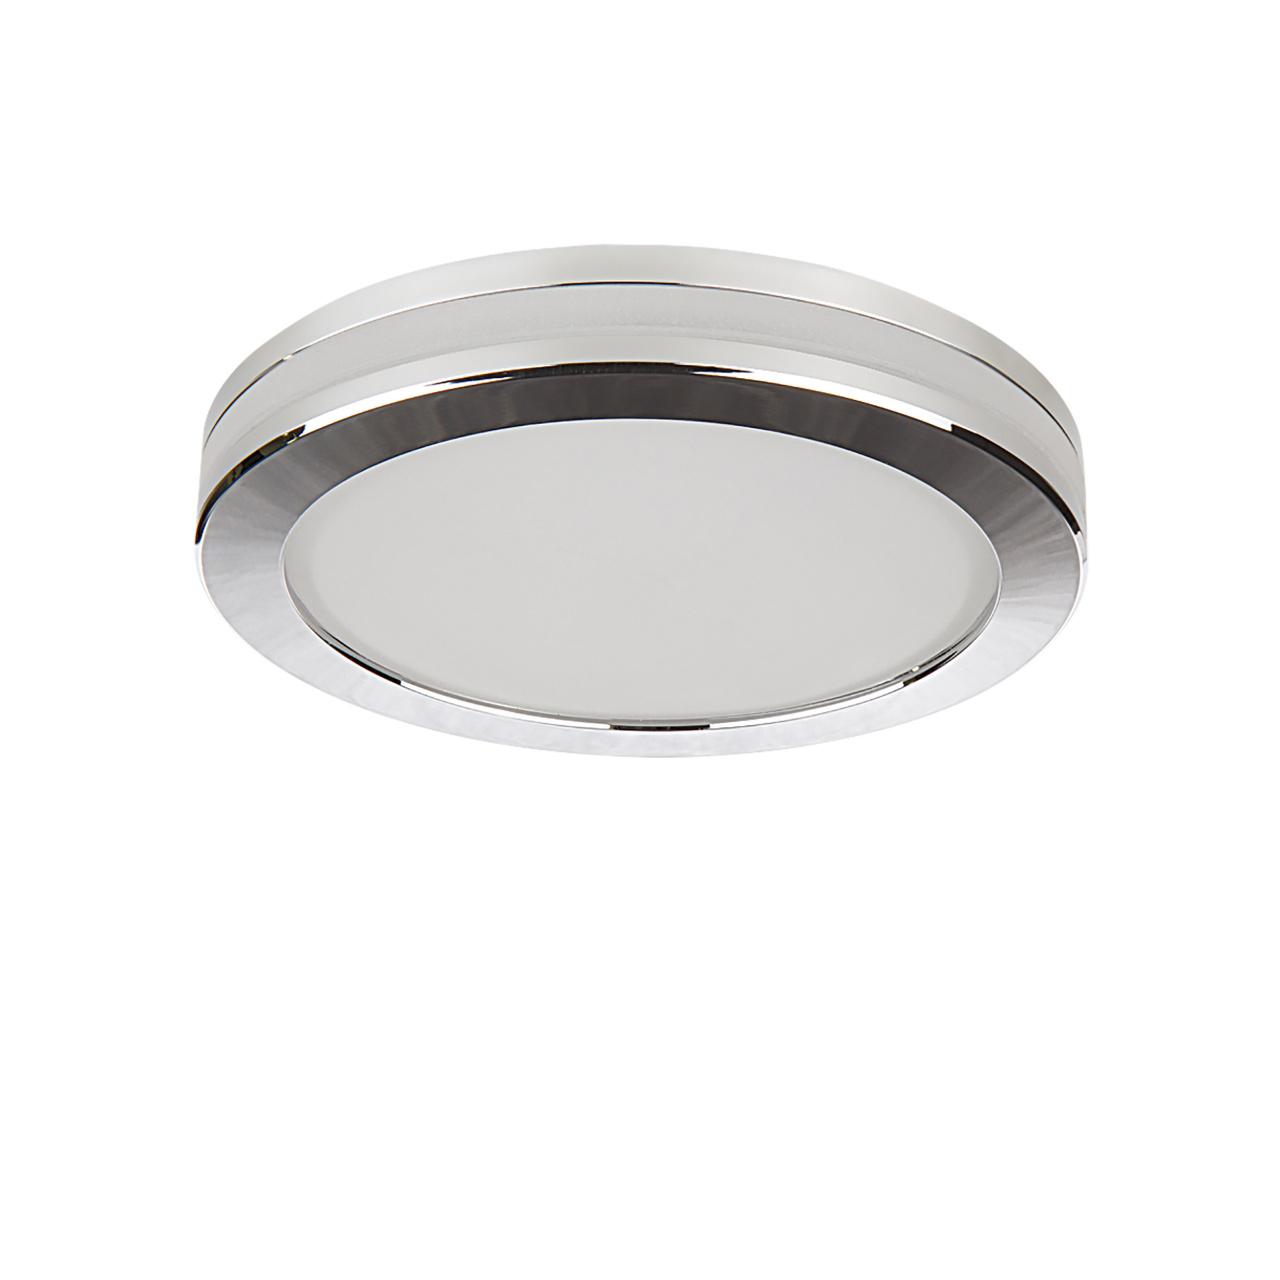 Светильник Maturo LED 9W 730LM хром / матовый 4000K Lightstar 070264